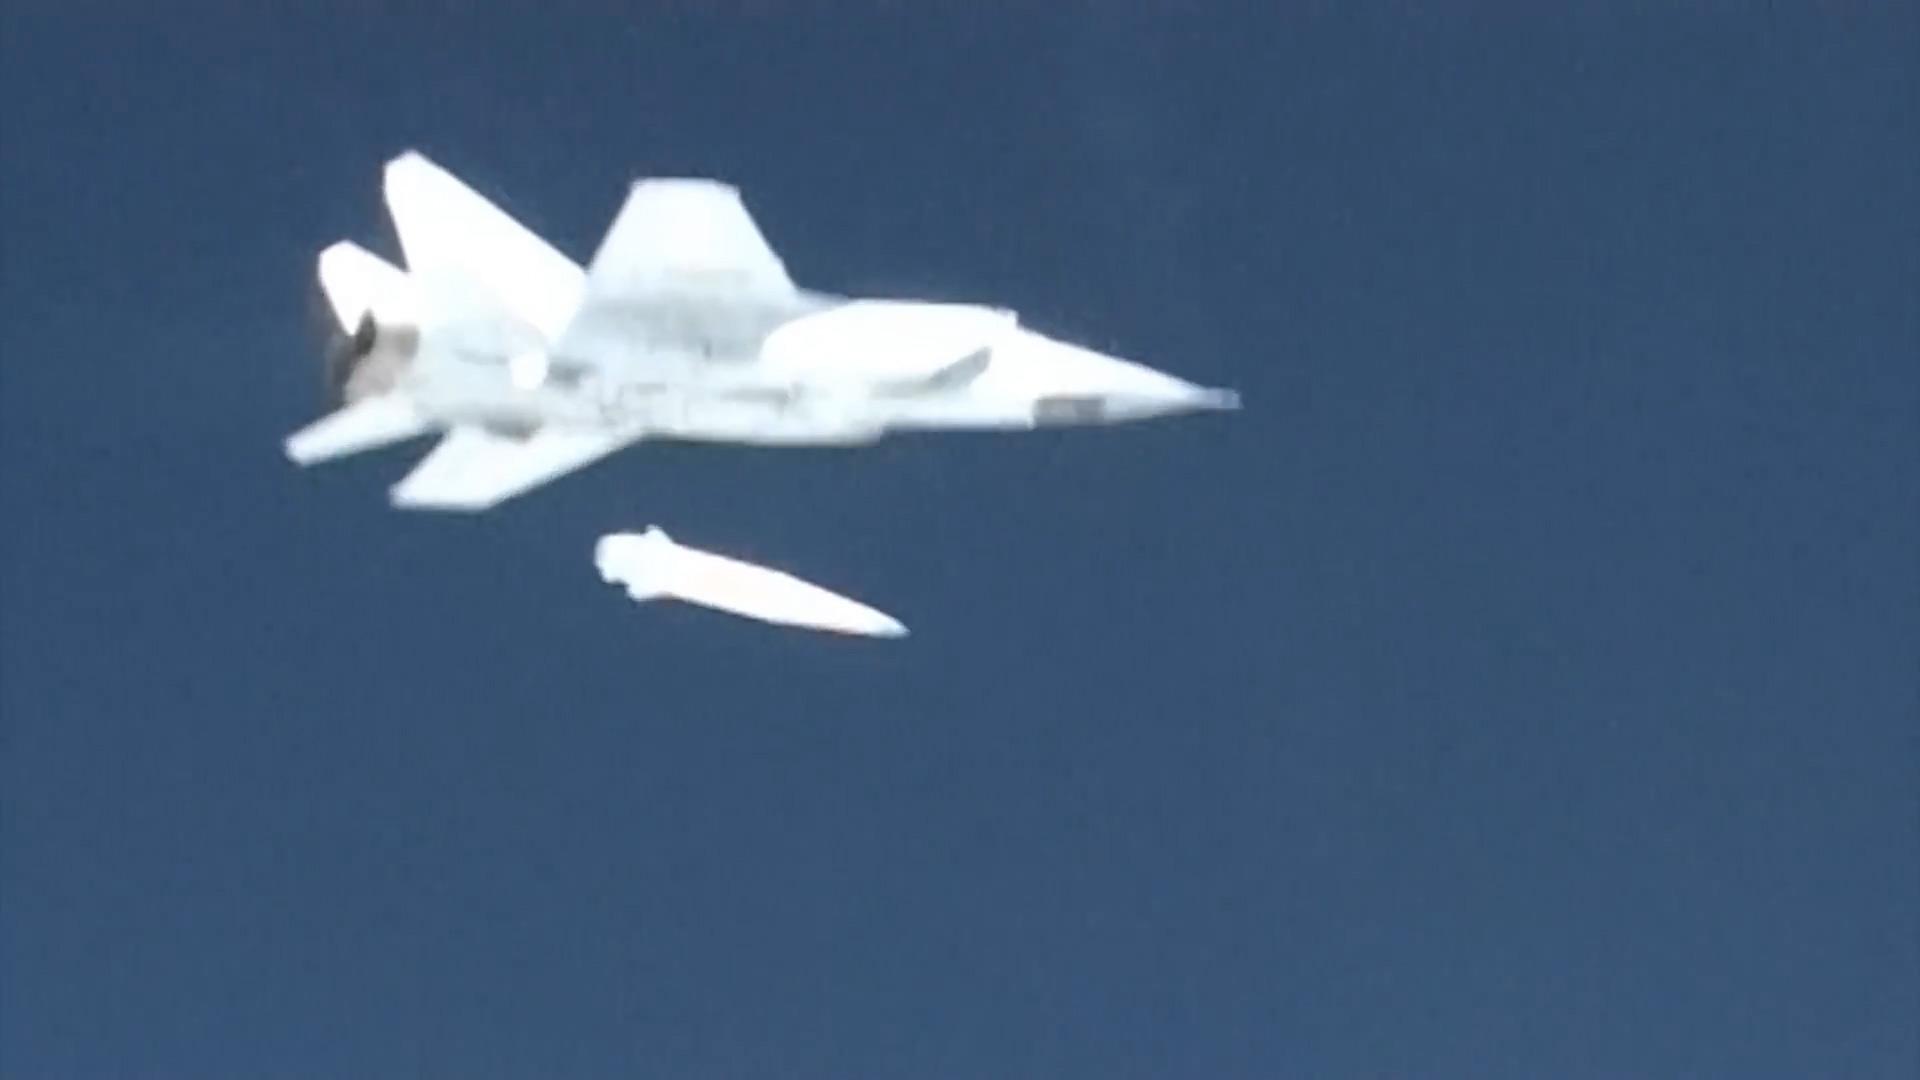 Пуск ракеты 9-А-7660 из-под самолета-носителя МиГ-31 (http://mil.ru)